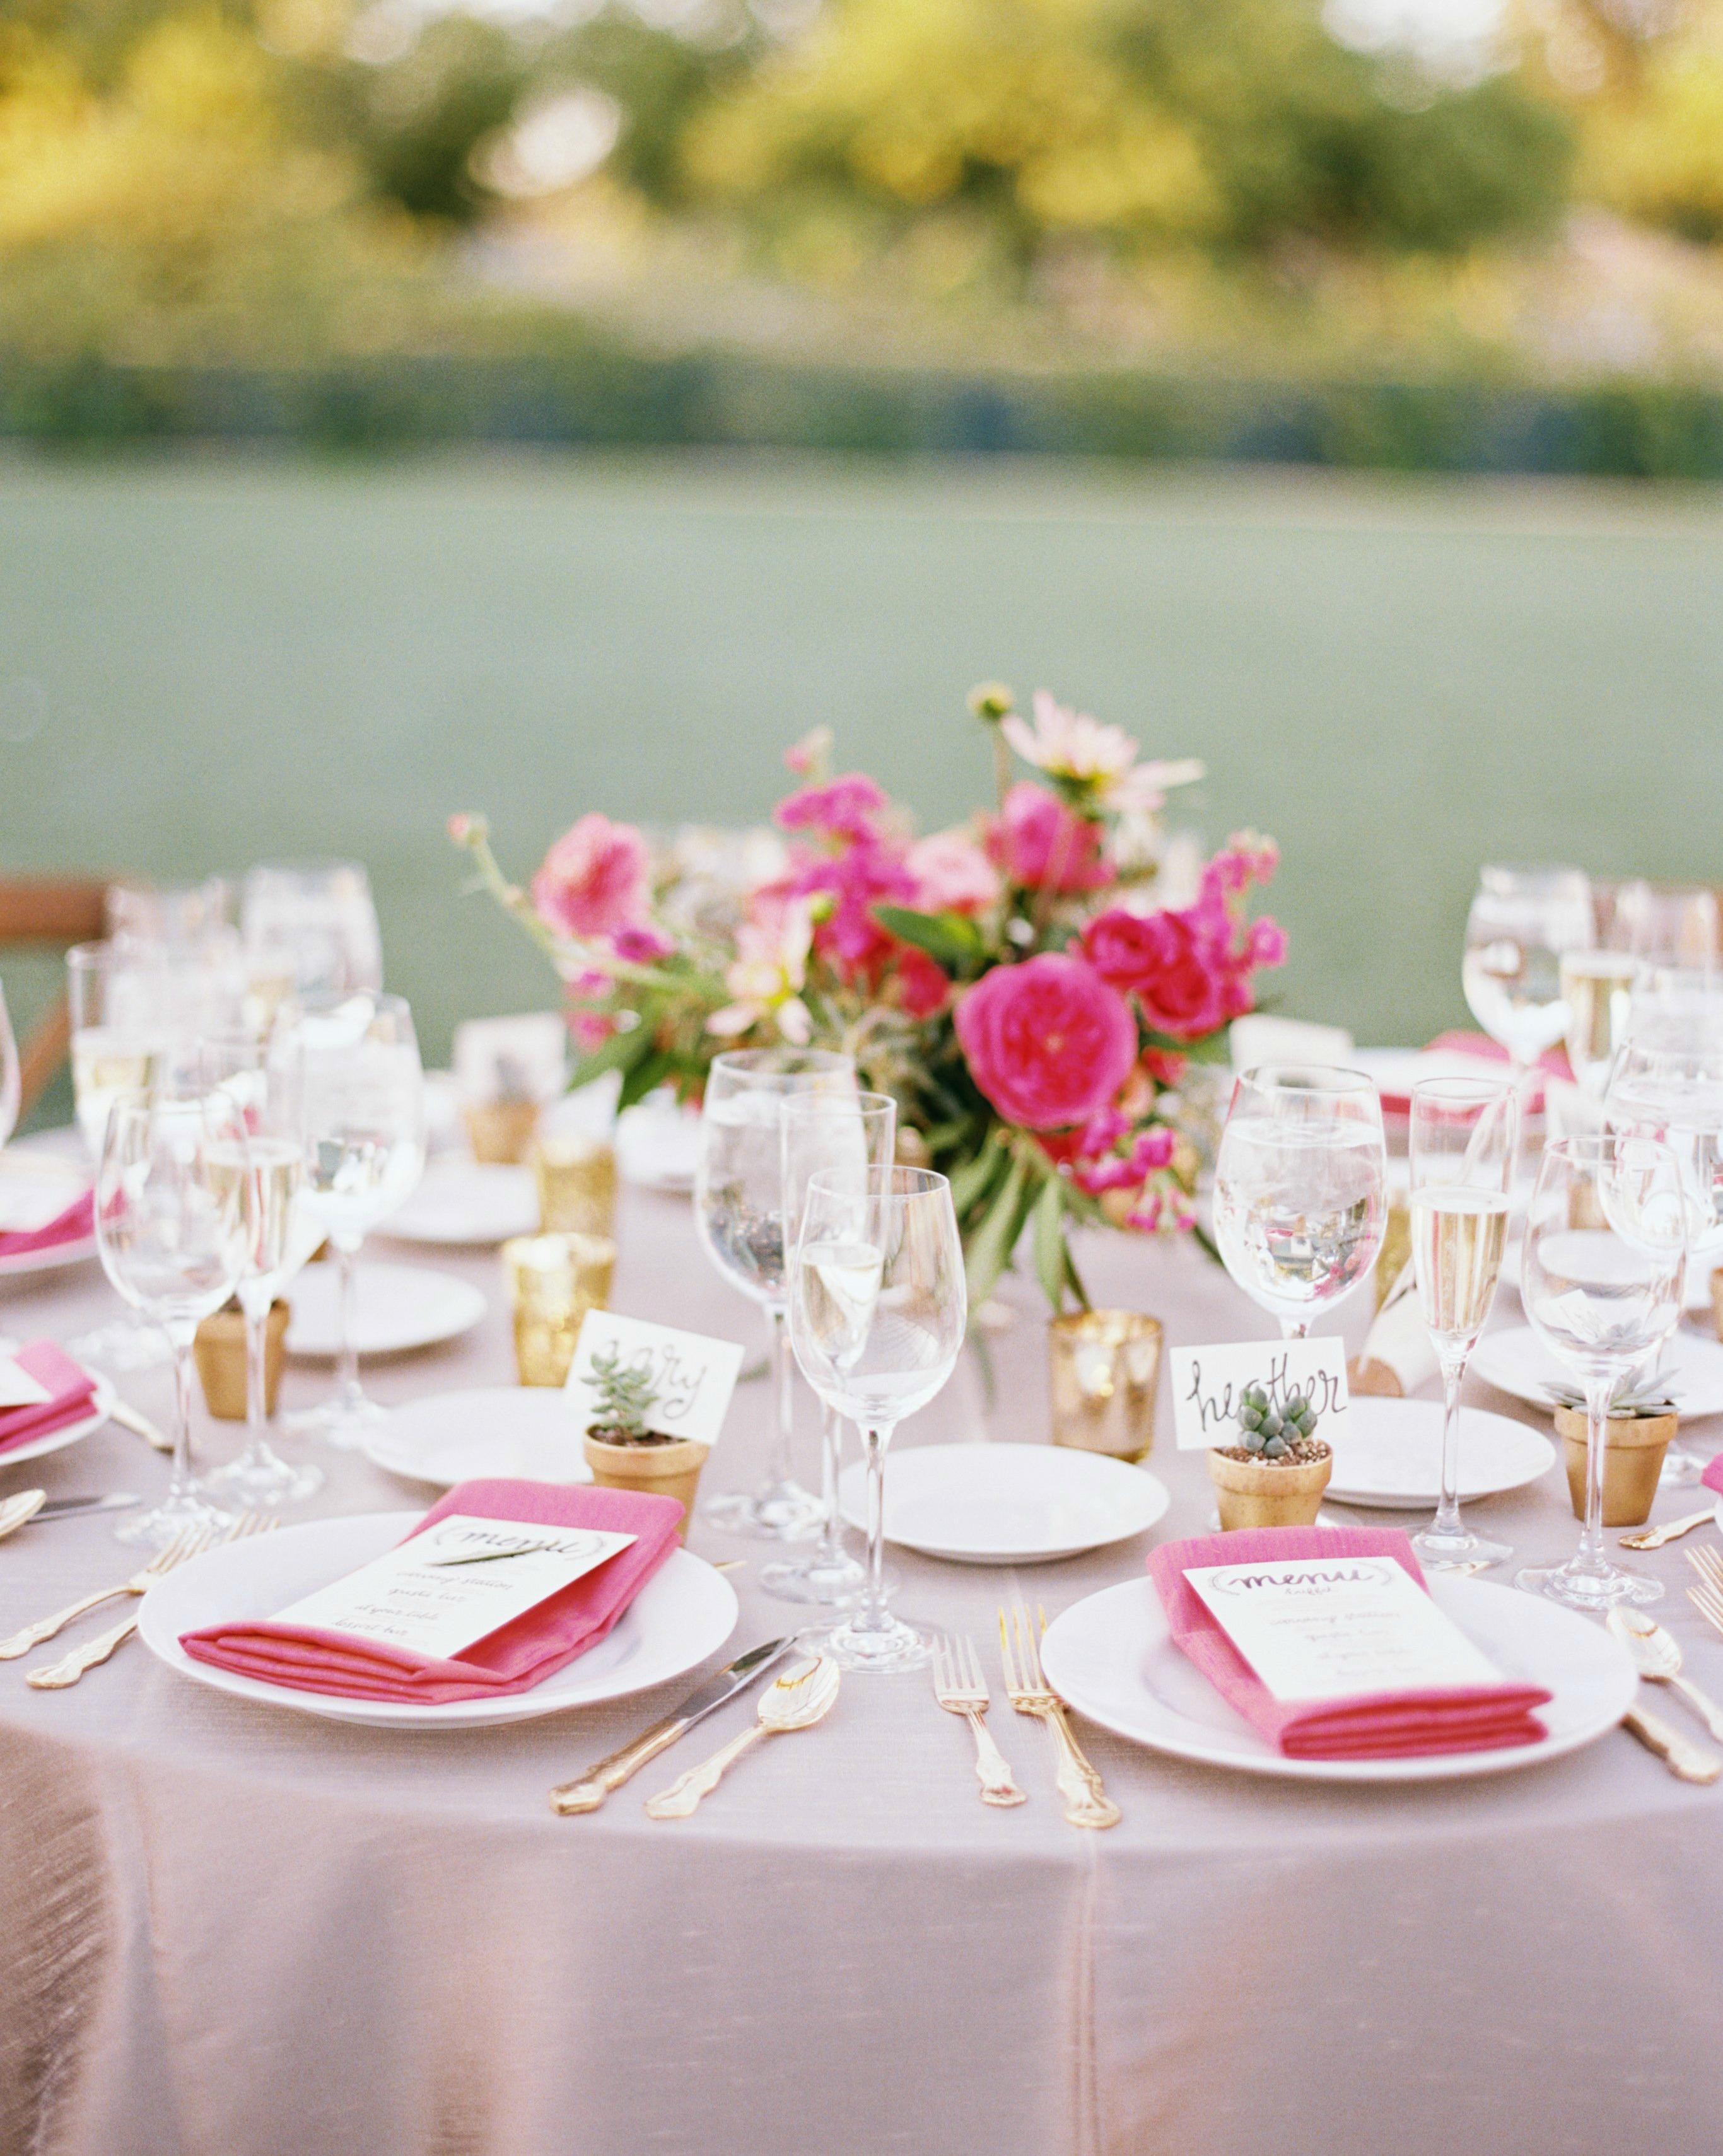 jessejo-daniel-wedding-table-429-s112302-1015.jpg